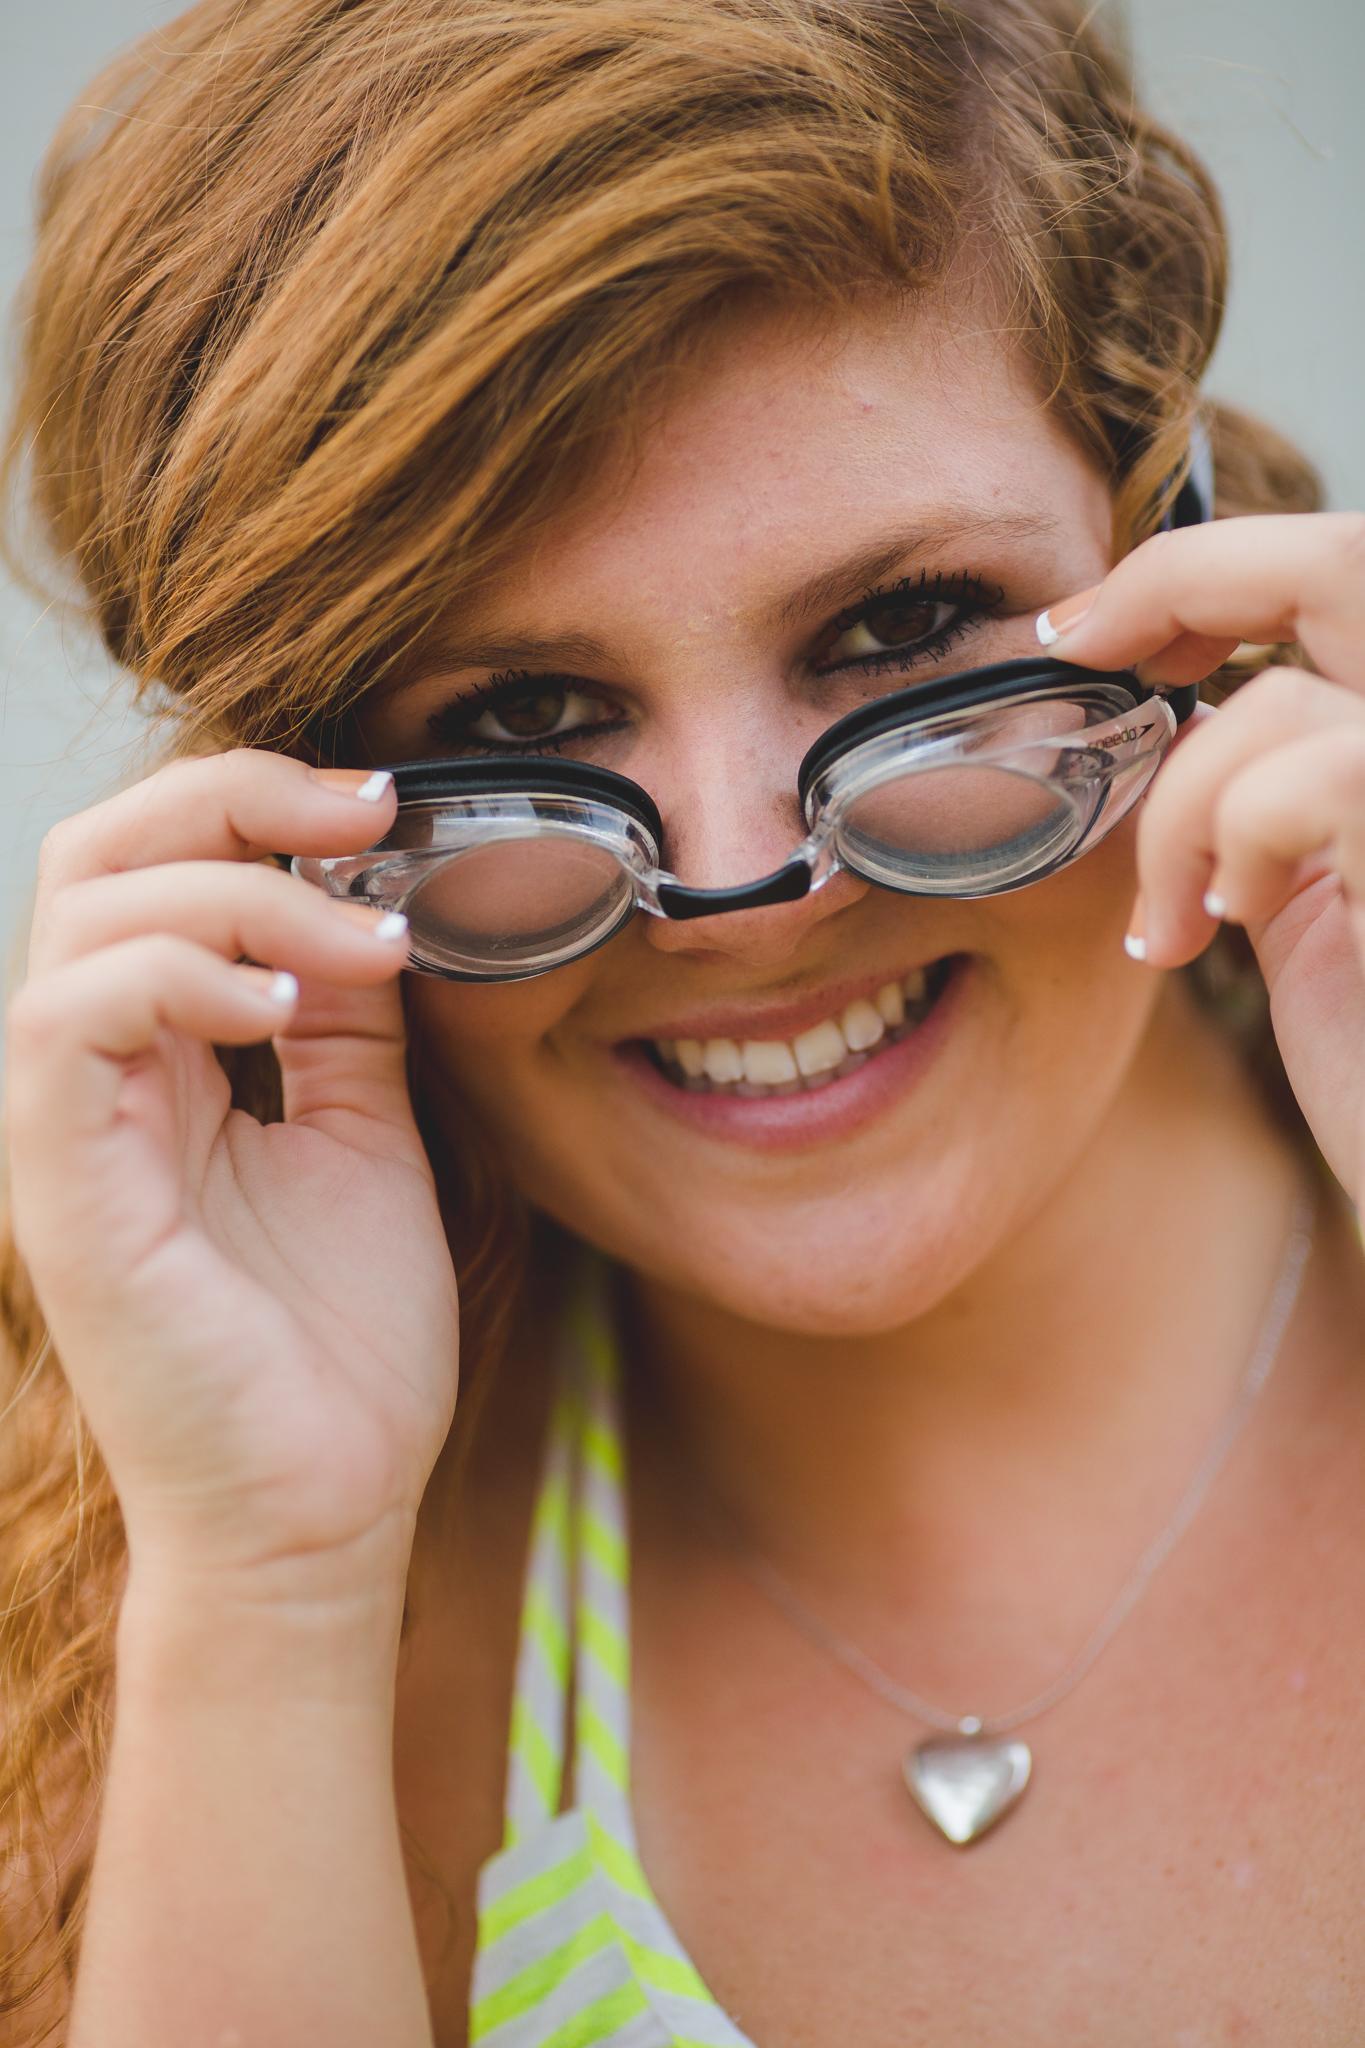 Marissa Peers Through Swim Goggles